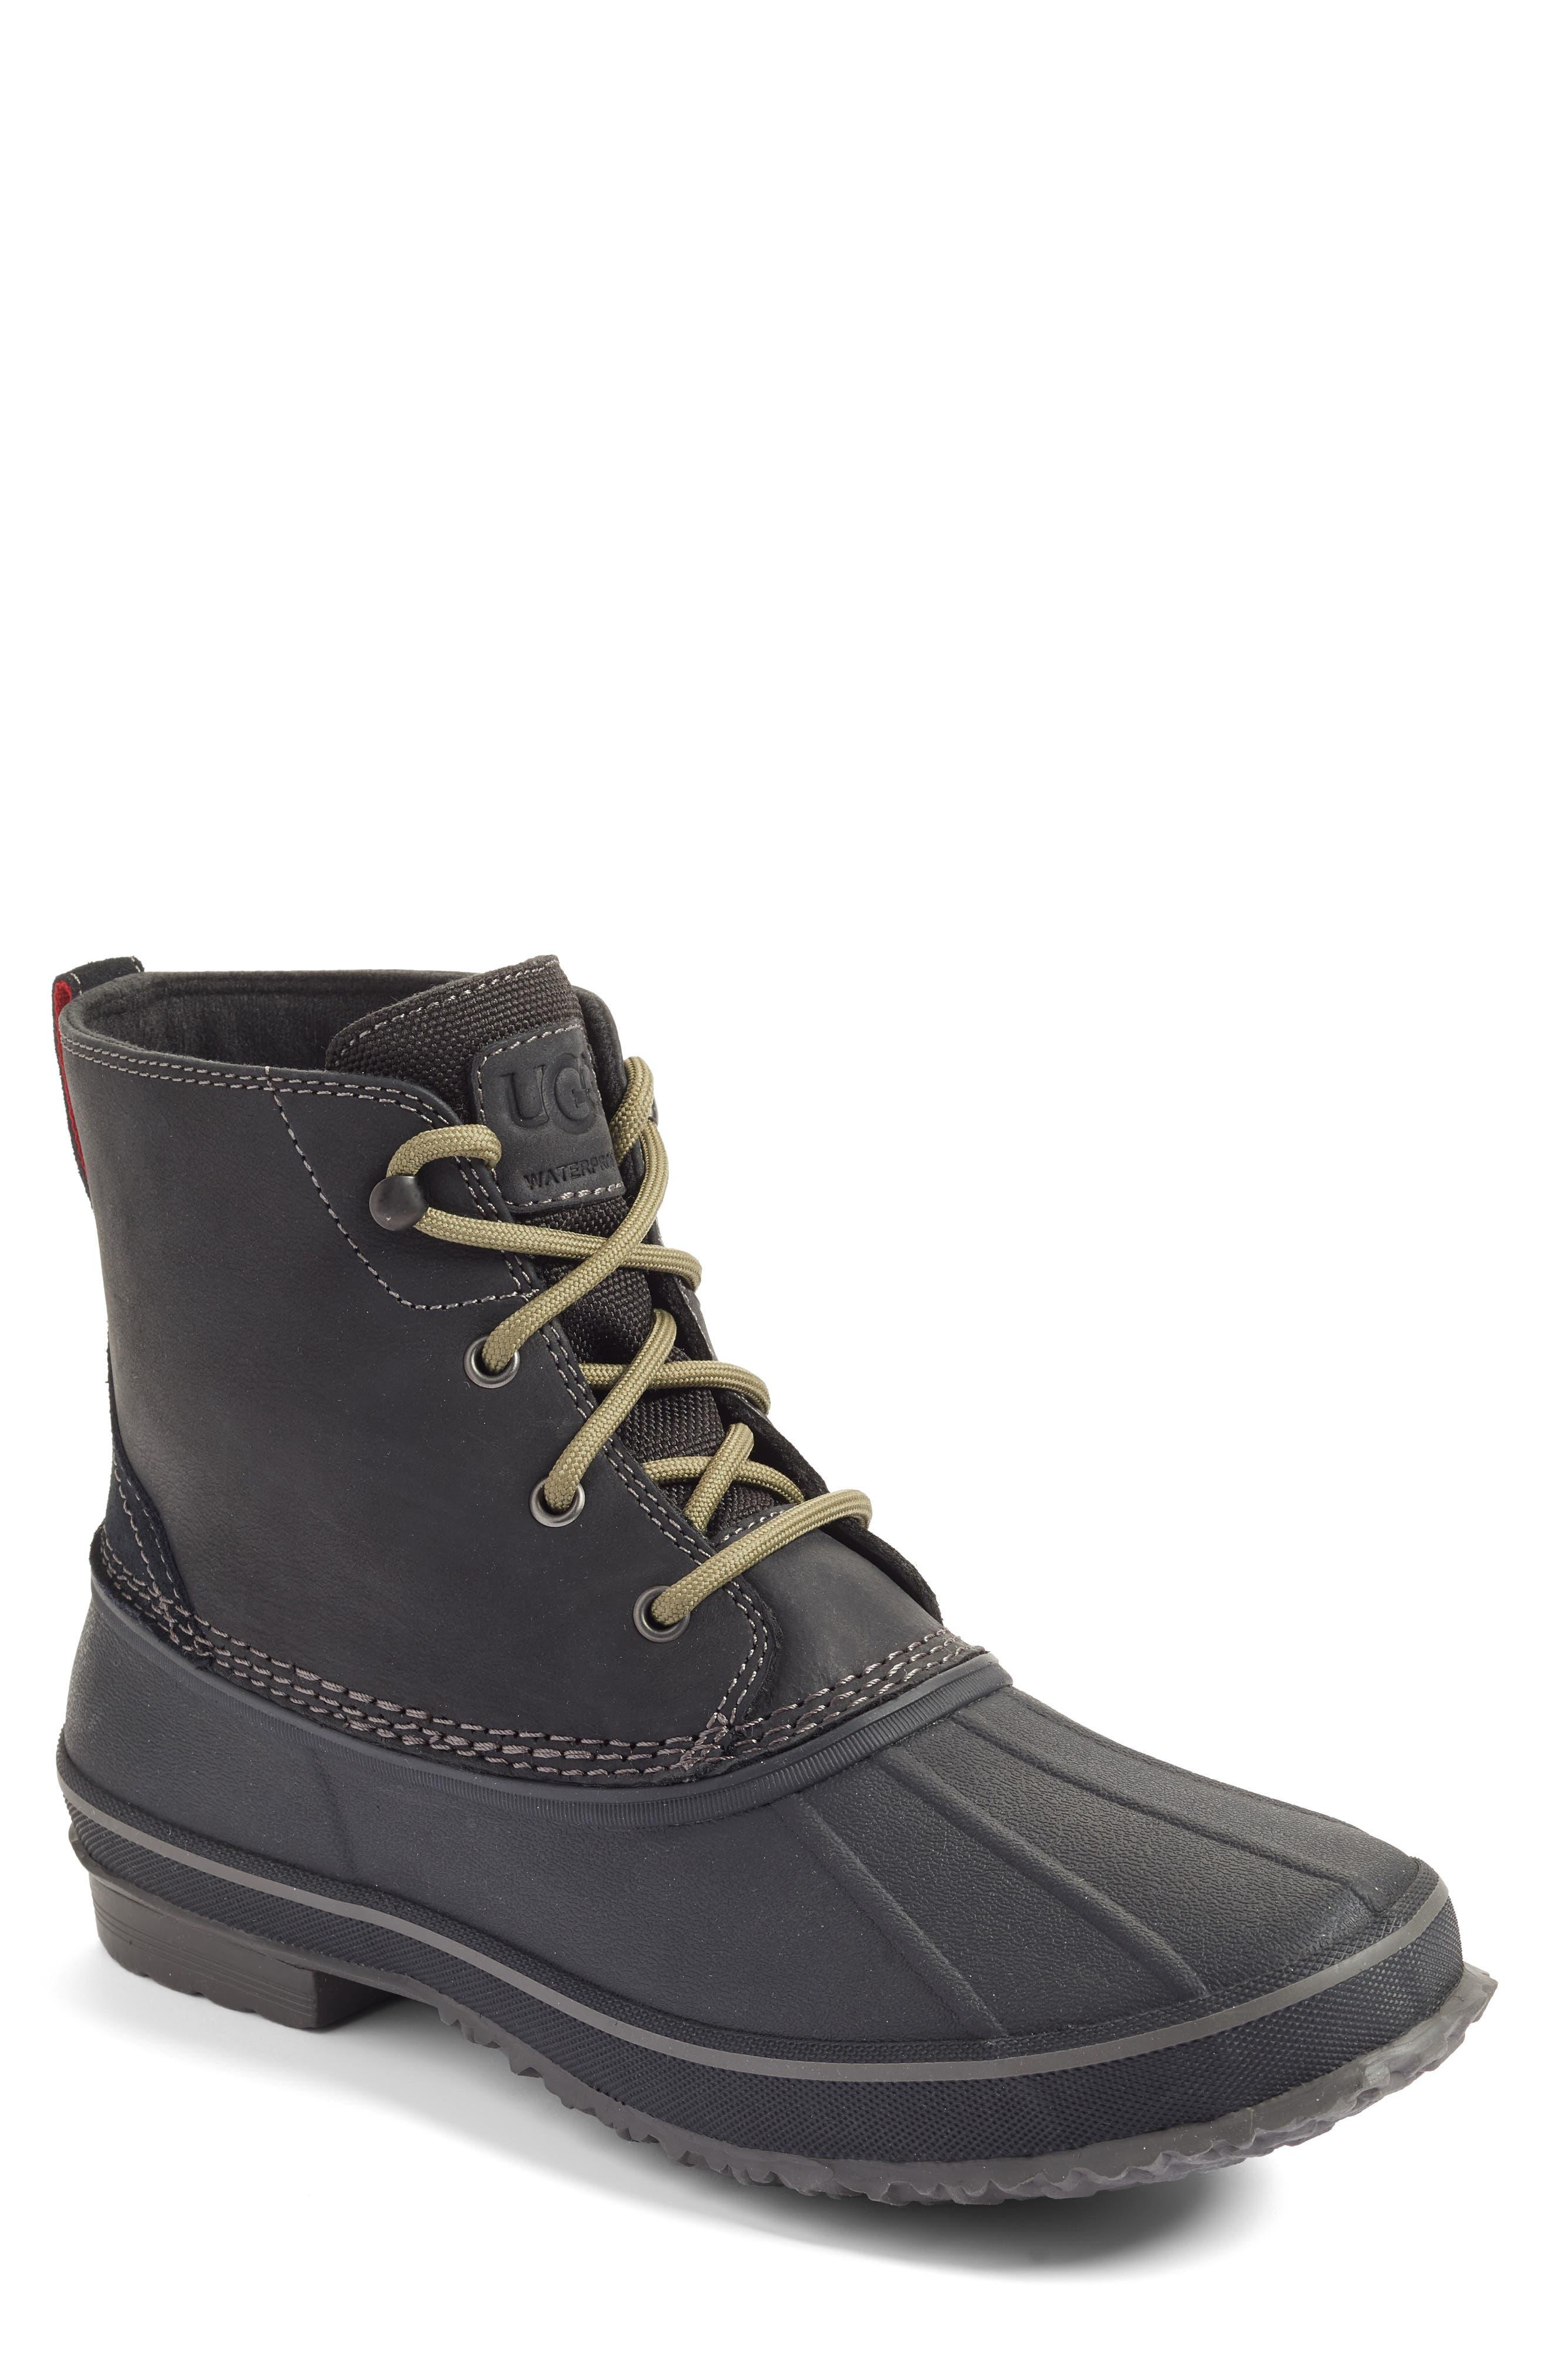 Alternate Image 1 Selected - UGG® Zetik Rain Boot (Men)